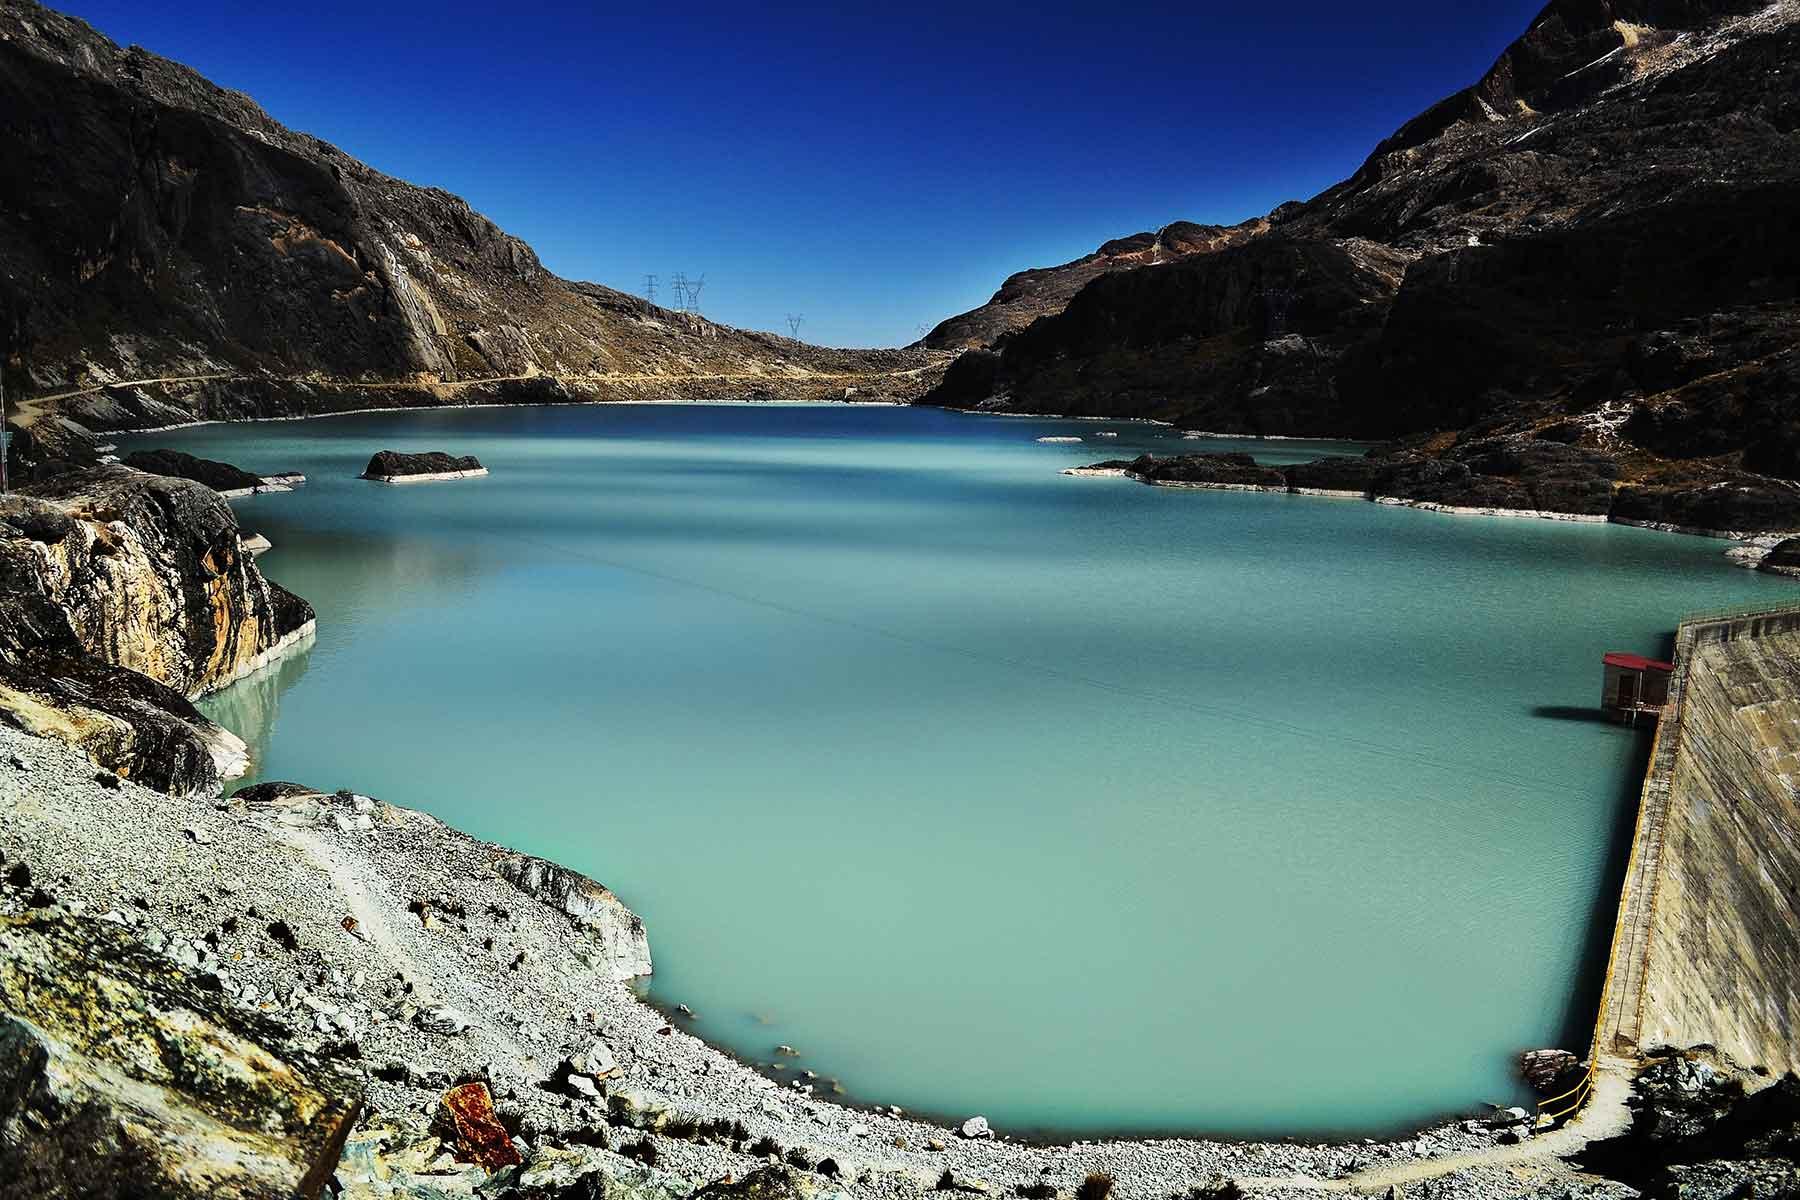 Resor-till-Bolivia-med-Nygren-&-Lind-Resebyrå---platån-la-alto